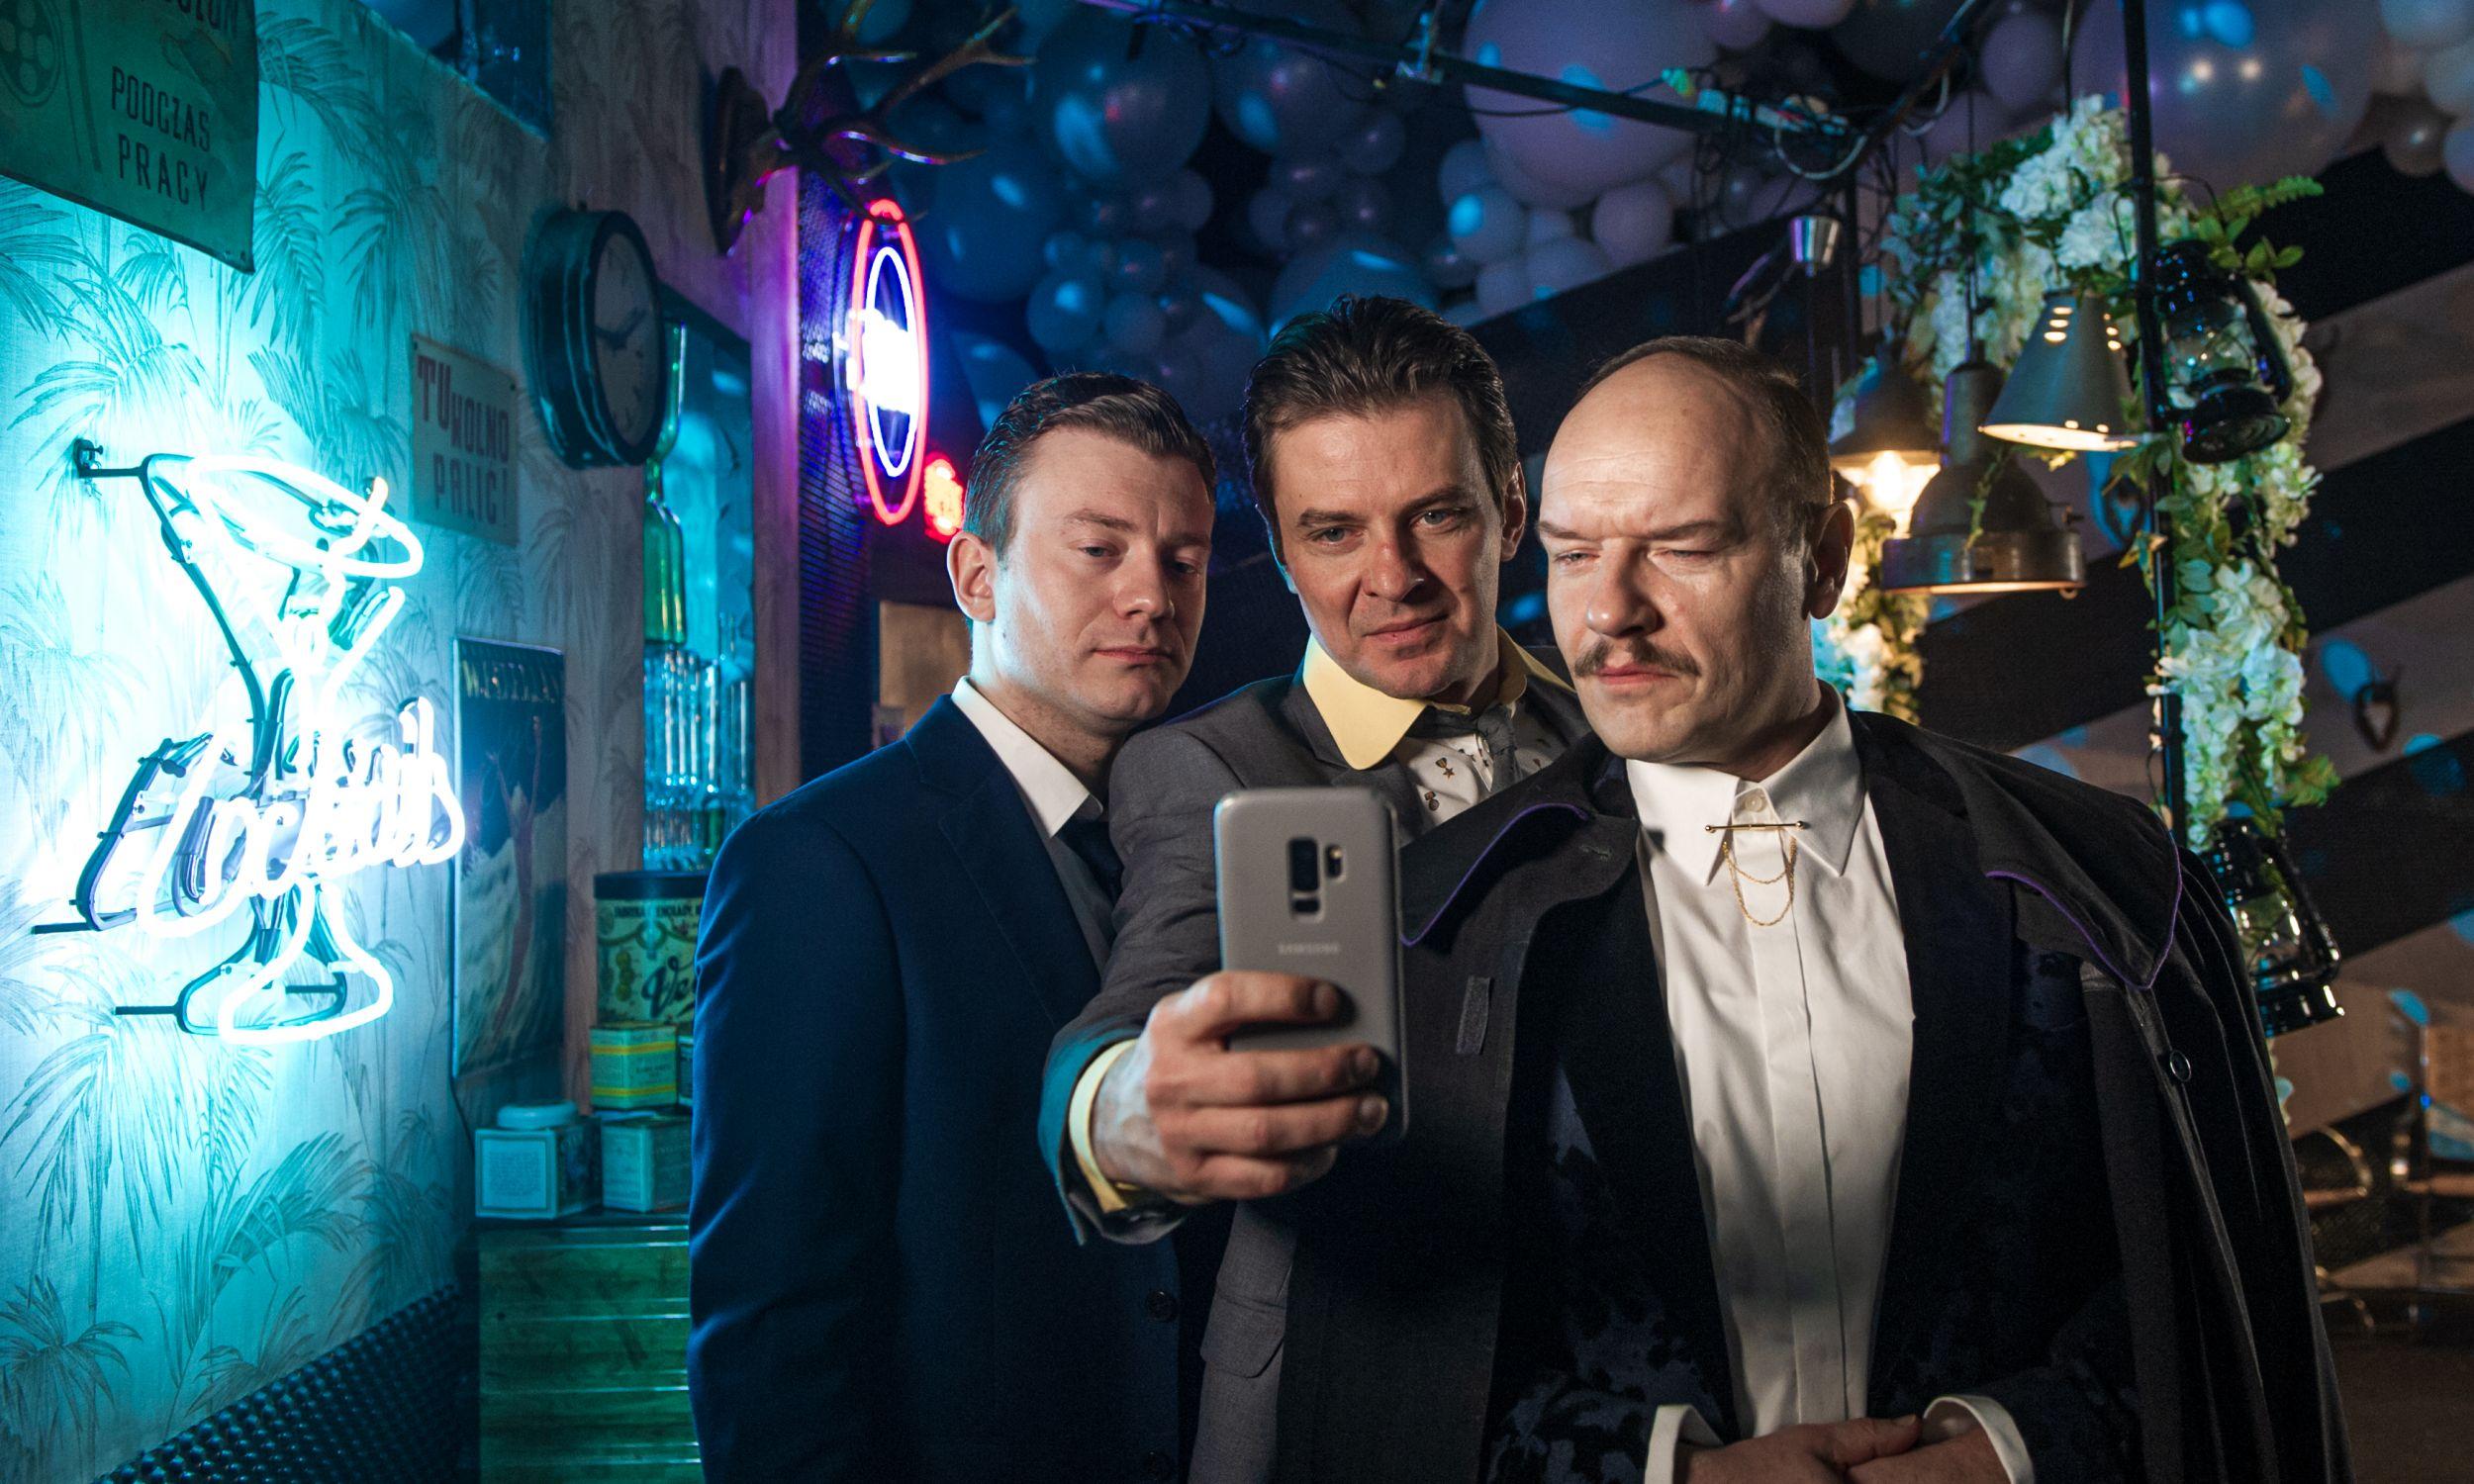 Marcin Kwaśny, Krzysztof Szczepaniak i Redbad Klynstra-Komarnicki. Fot. TVP/Natasza Młudzik